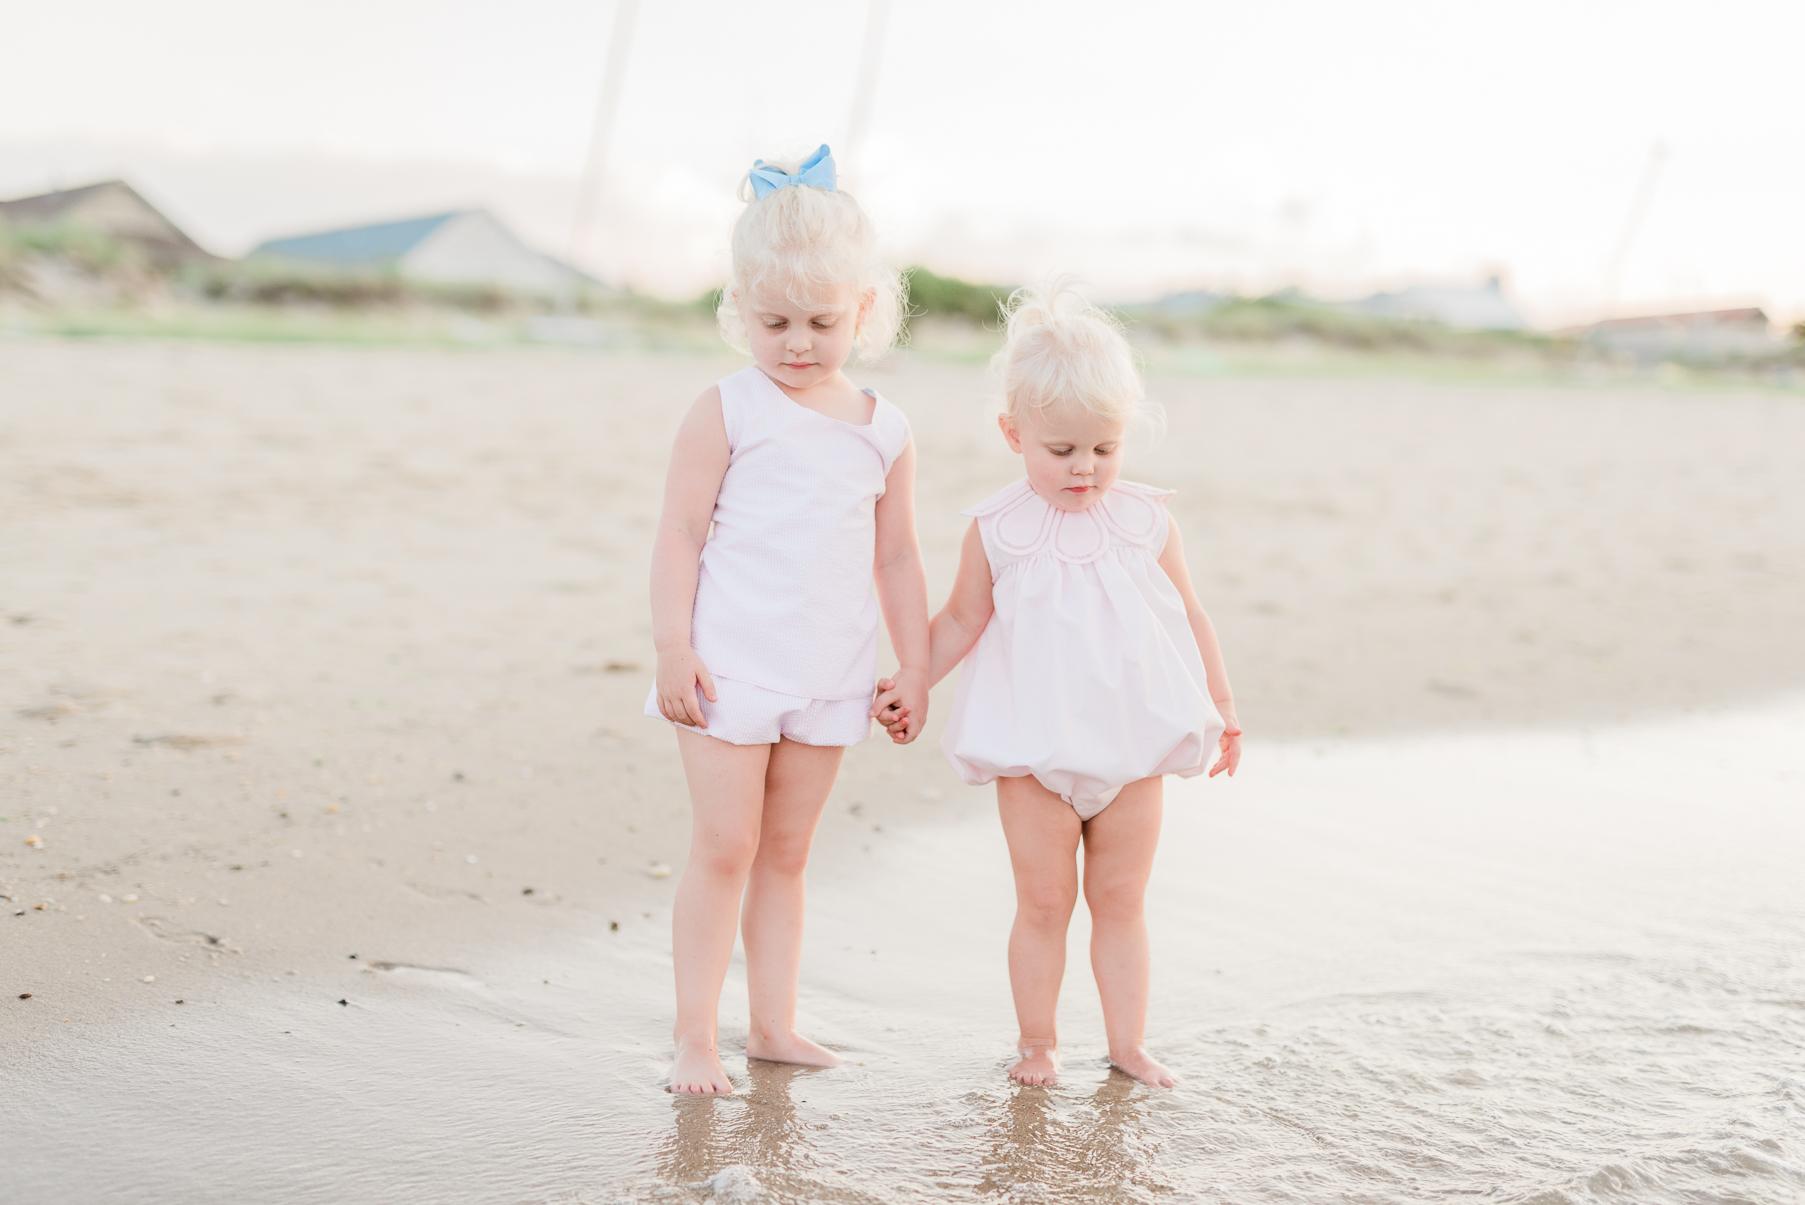 Lewes-Beach-Cape Henlopen-photographer-lifestyle-family-portrait-BKLP-Breanna Kuhlmann-Delaware-5.jpg